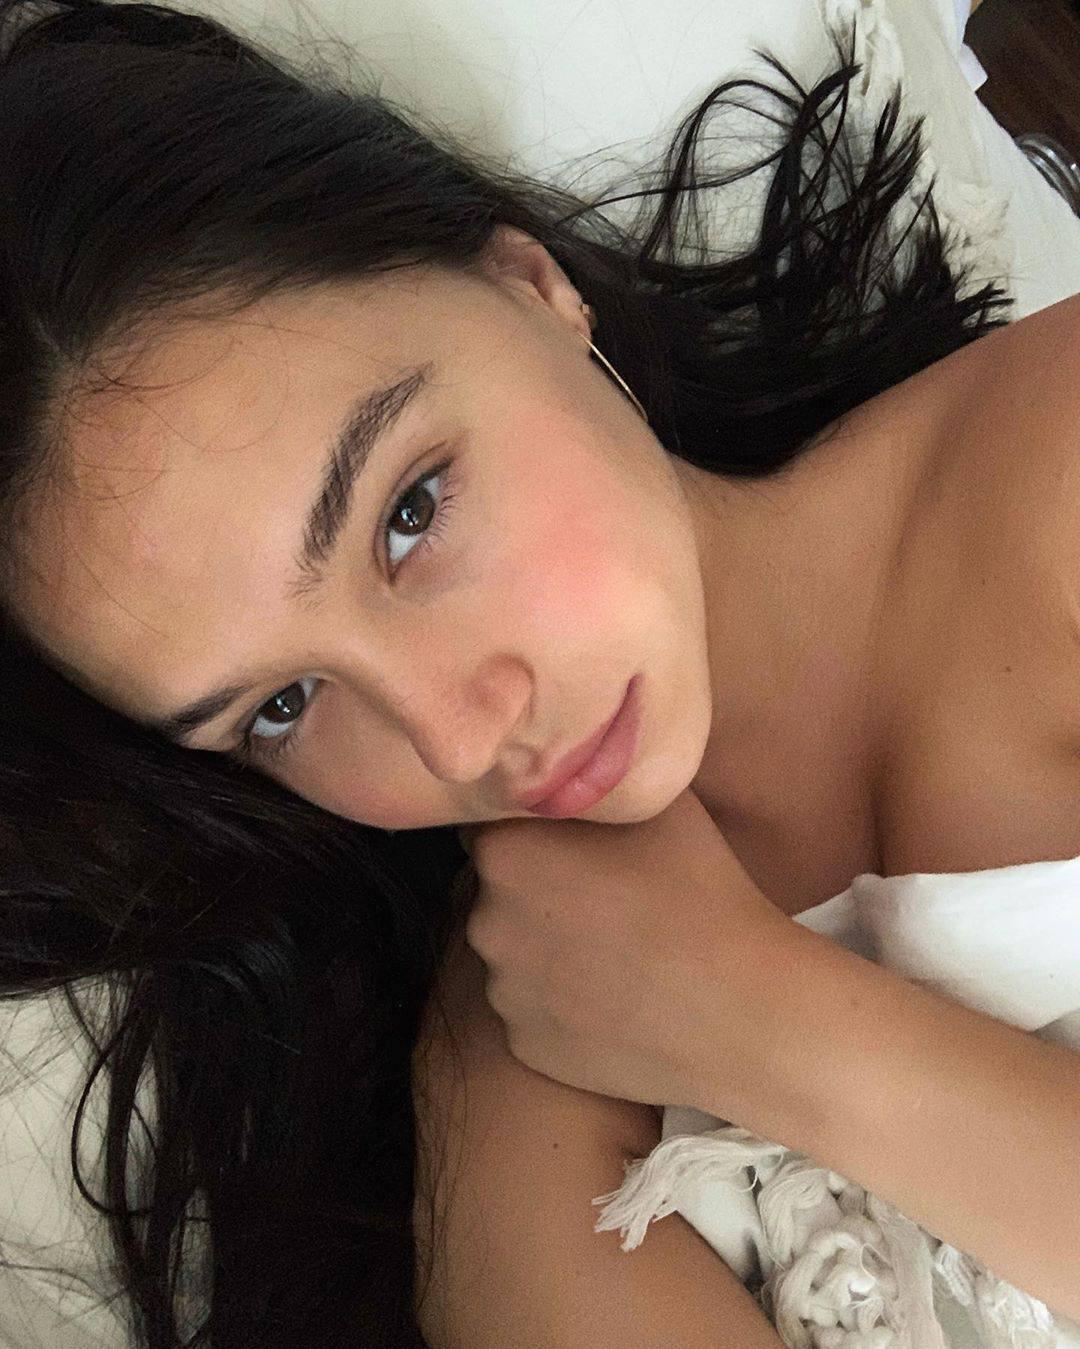 Alexis Ren Hot Selfie In Bed